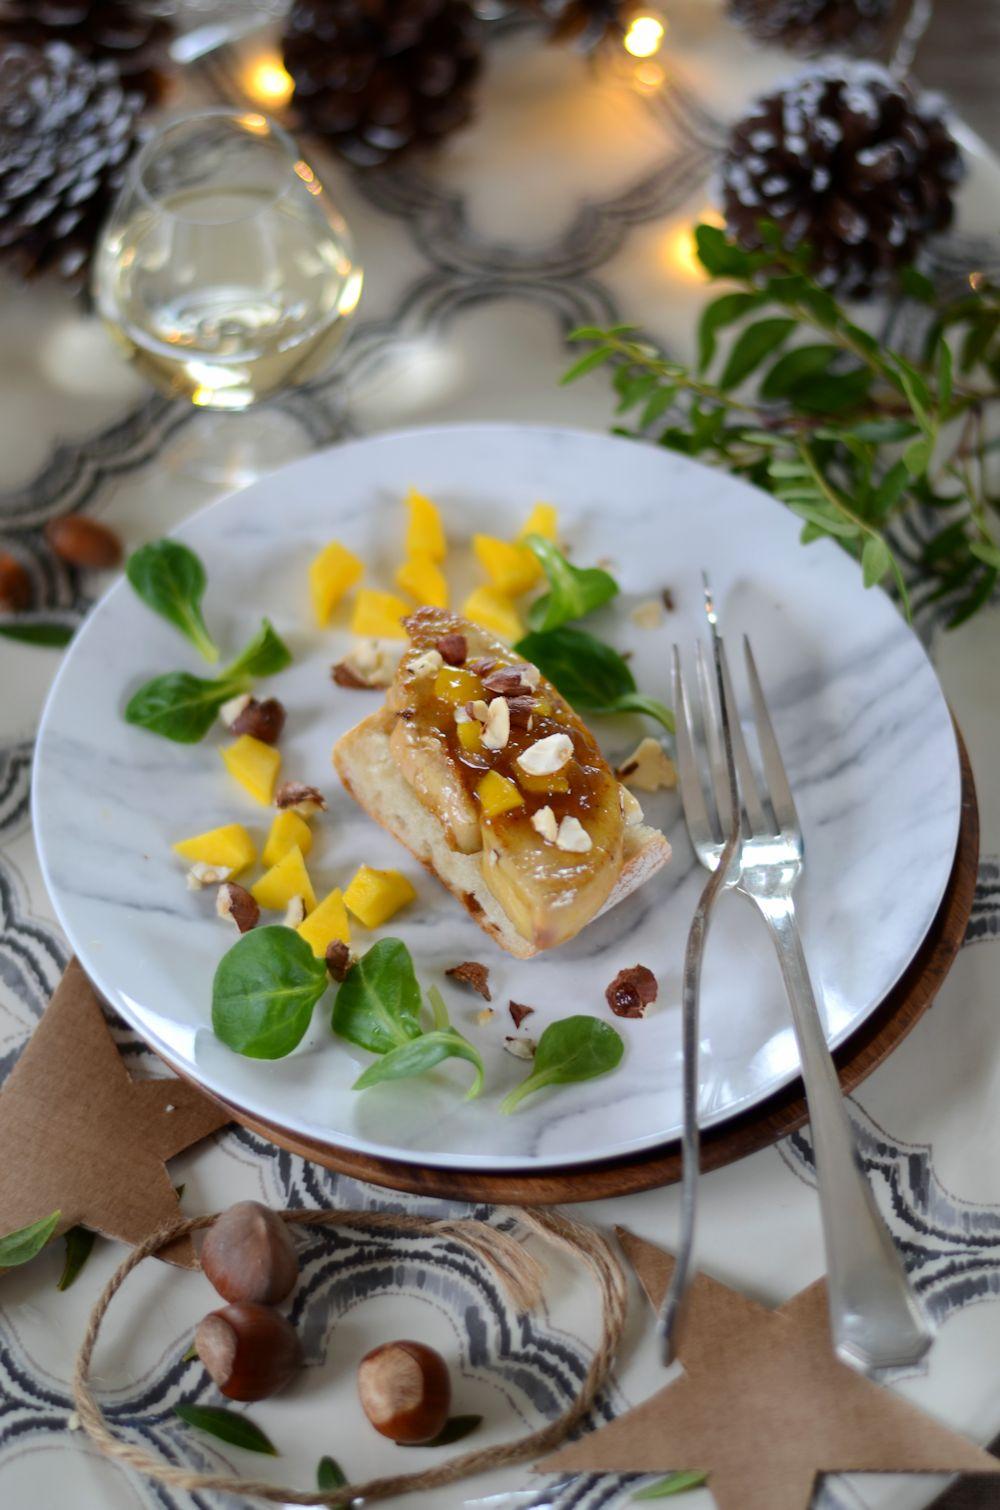 Escalope de foie gras poêlé et chutney de mangue